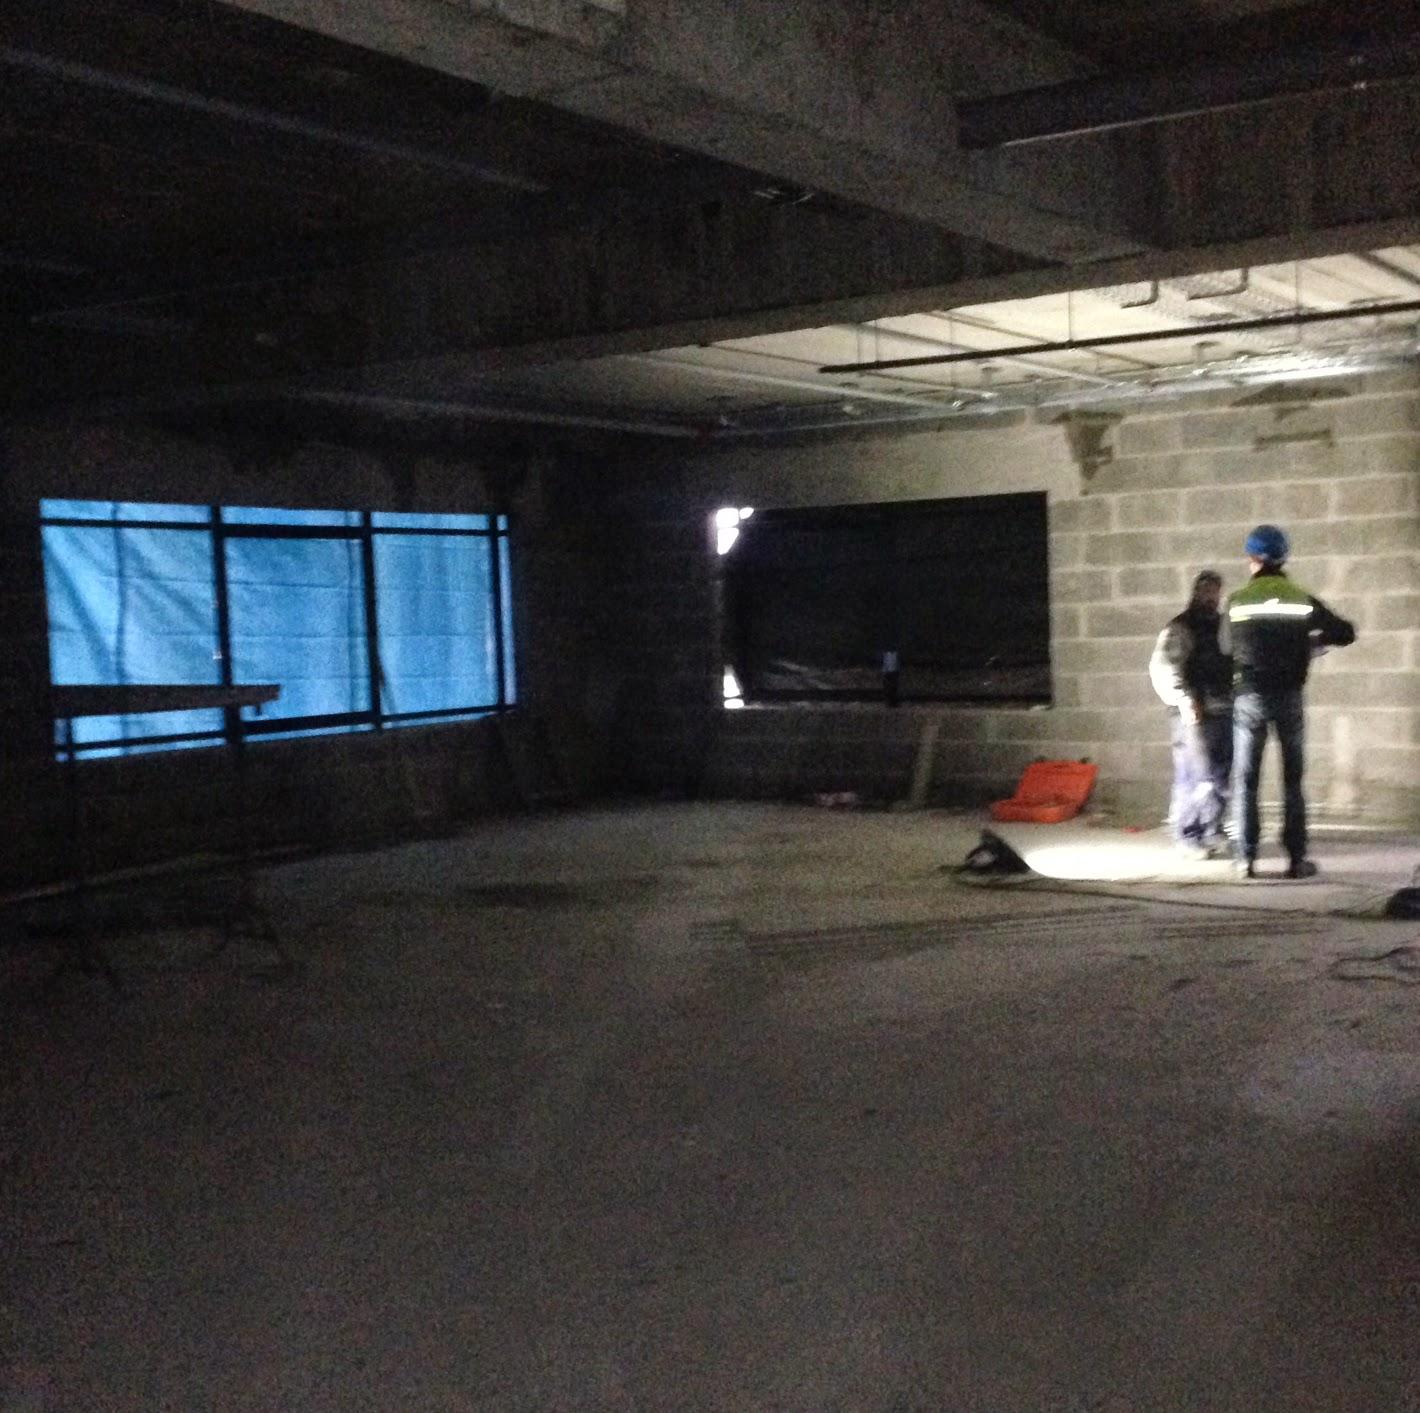 agence d 39 architecture int rieure parallel paris bridor agrandit ses bureaux. Black Bedroom Furniture Sets. Home Design Ideas